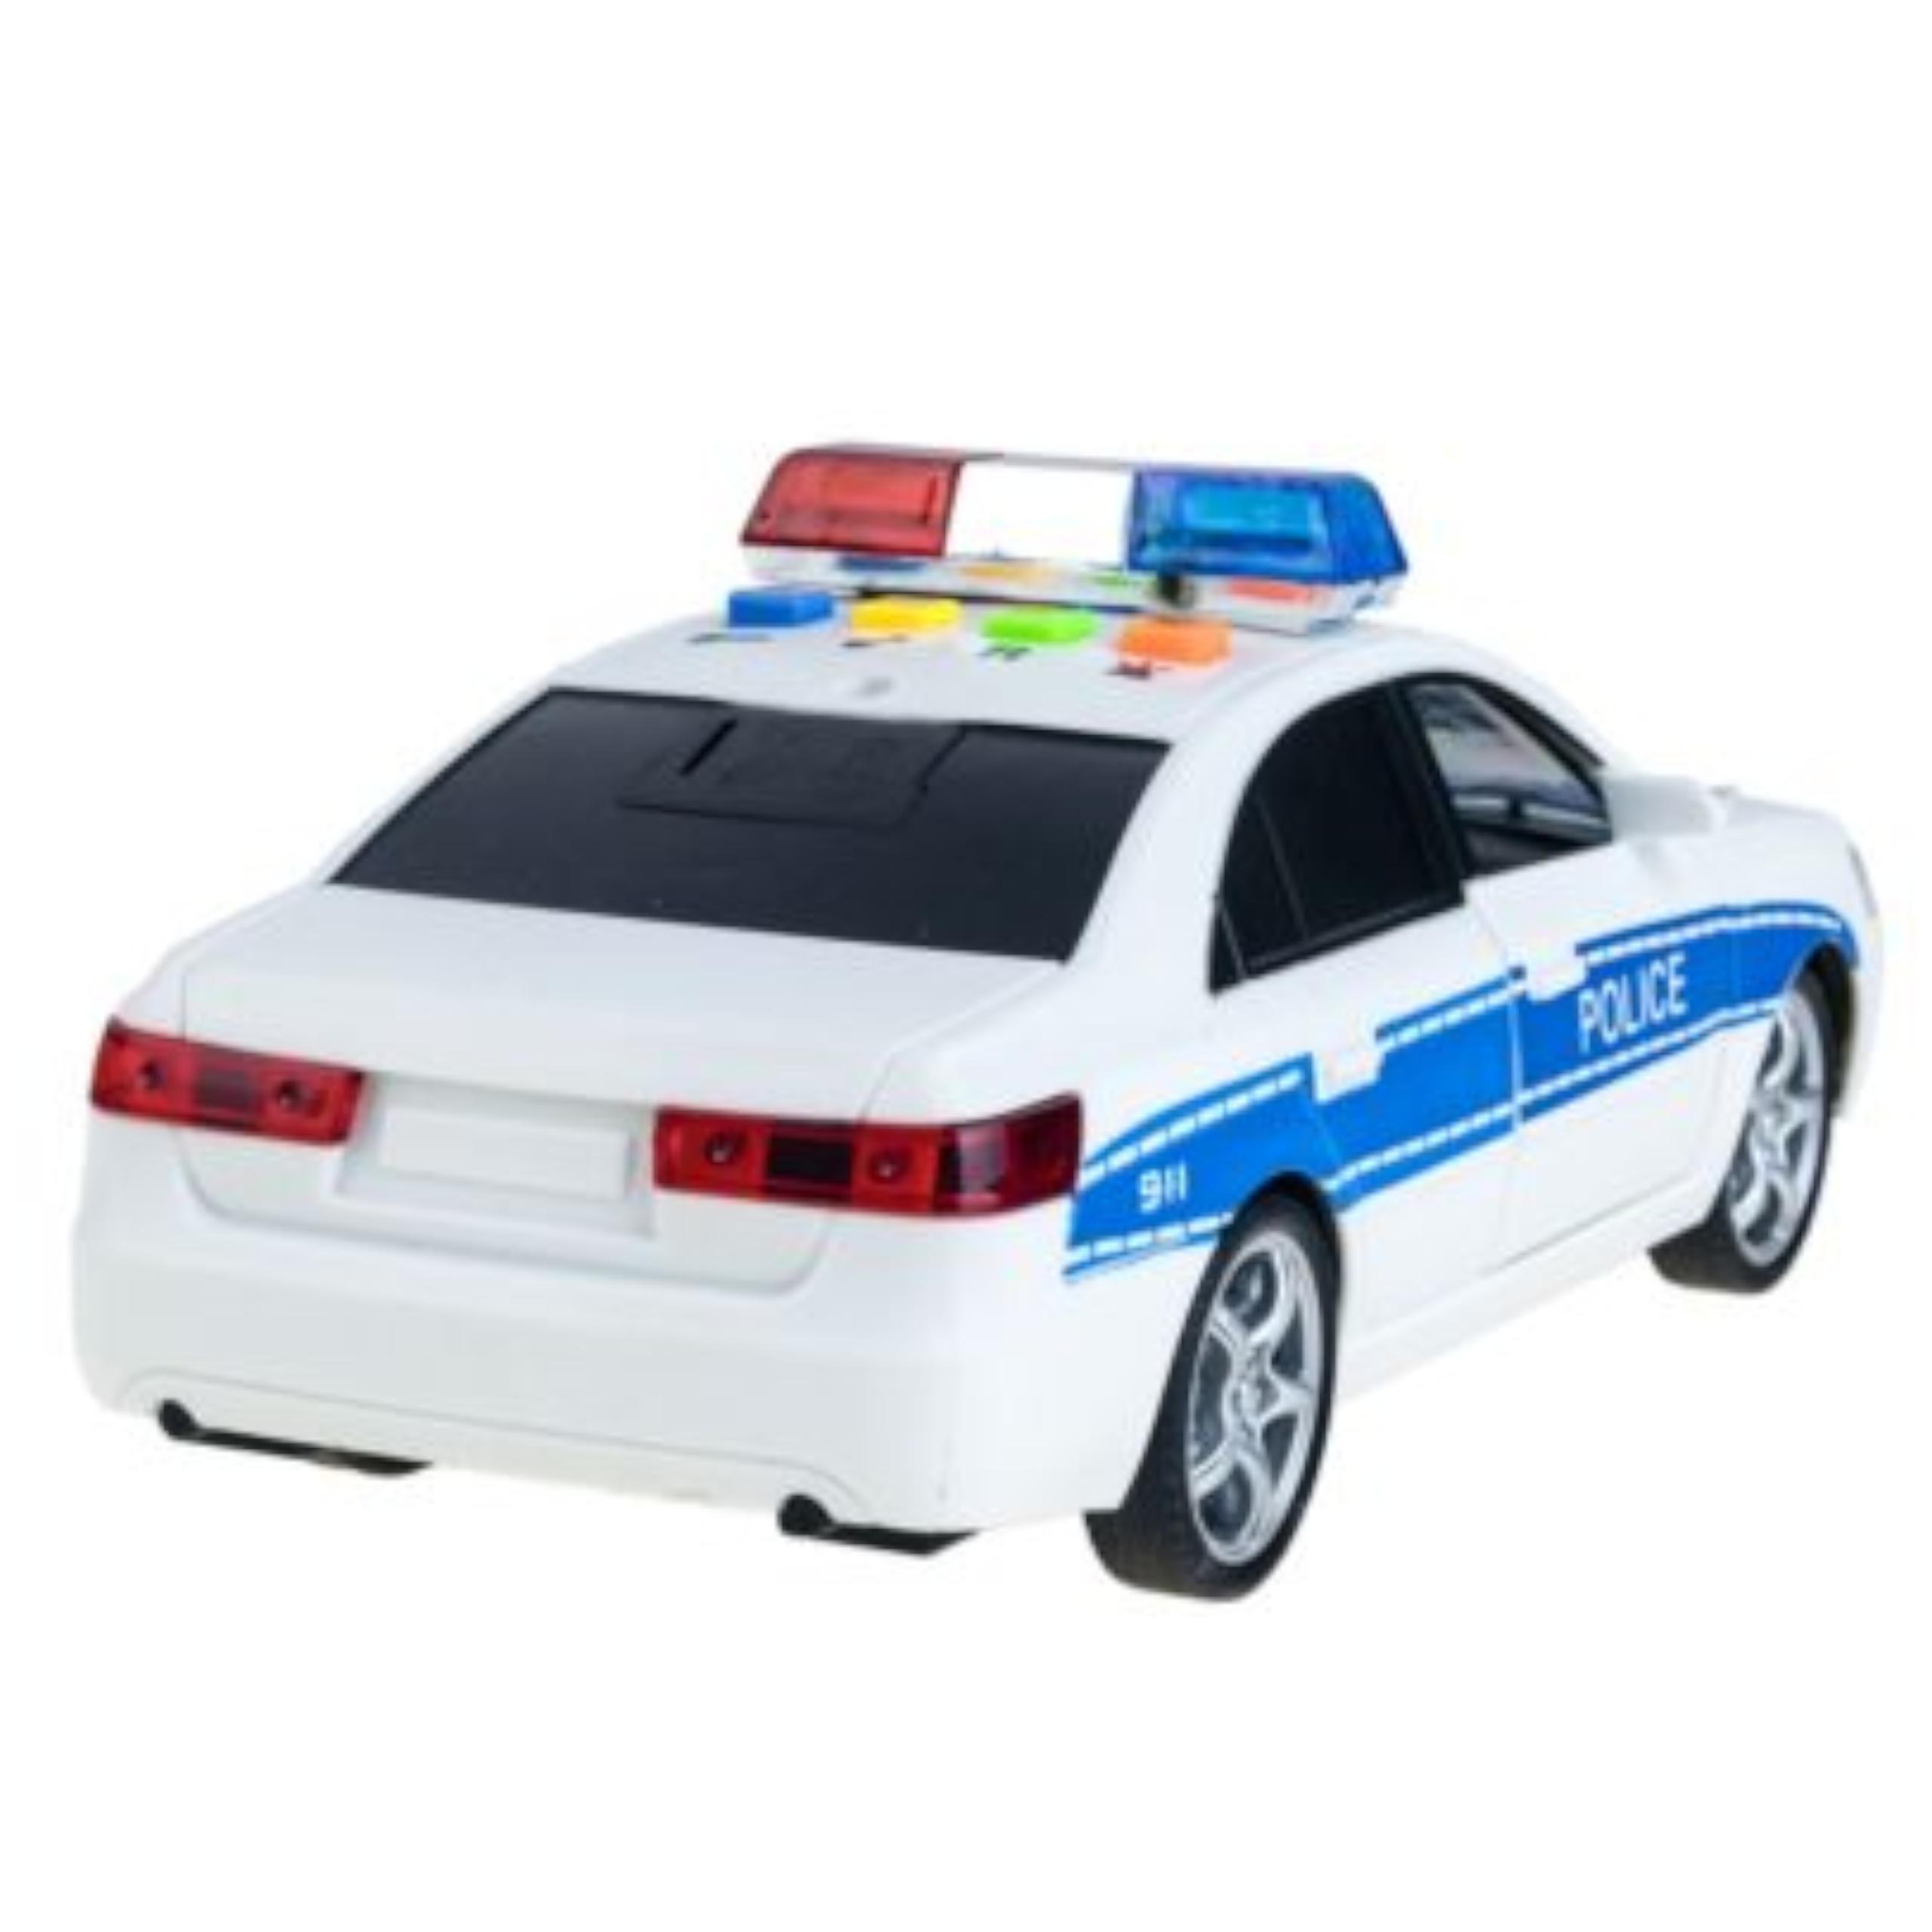 Samochód policyjny otwierane drzwi dźwięki WY560A Bohater brak